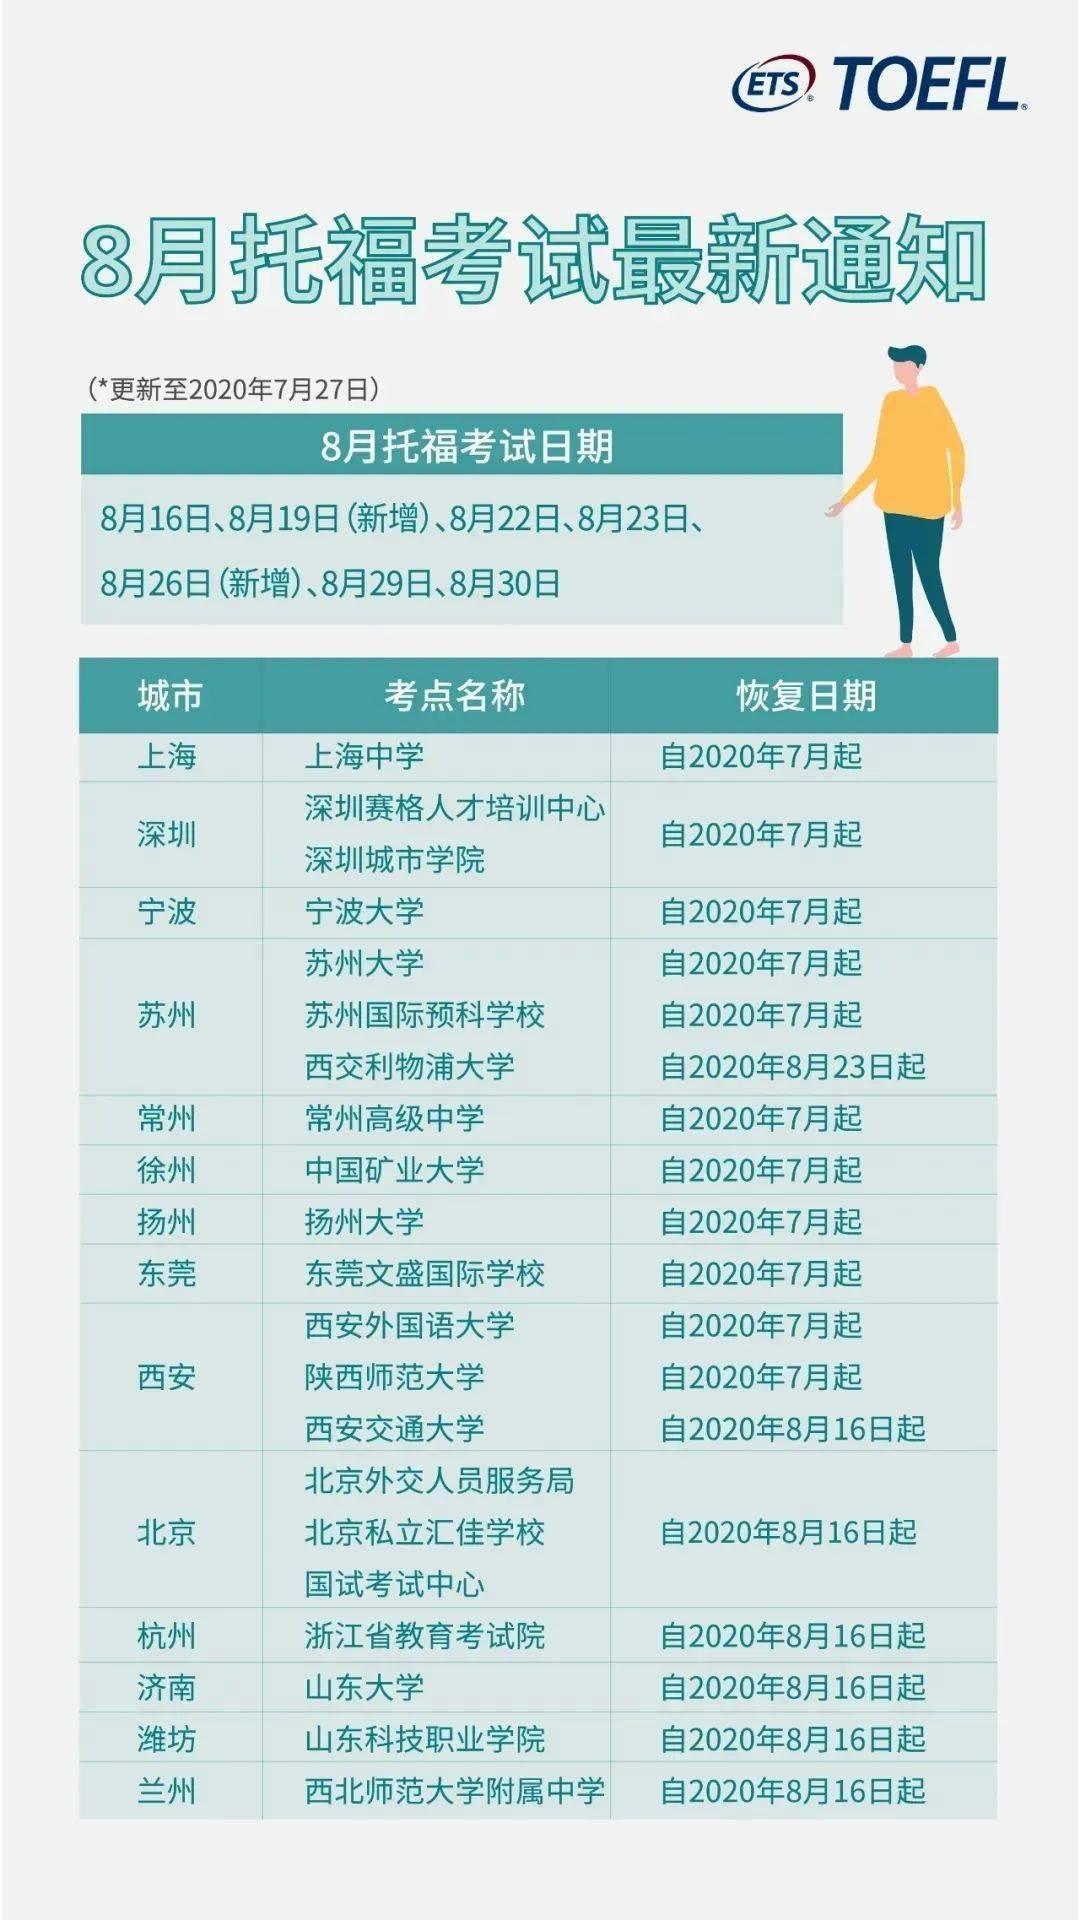 最新考讯!雅思/托福/GRE/GMAT北京确定复考,就在8月!